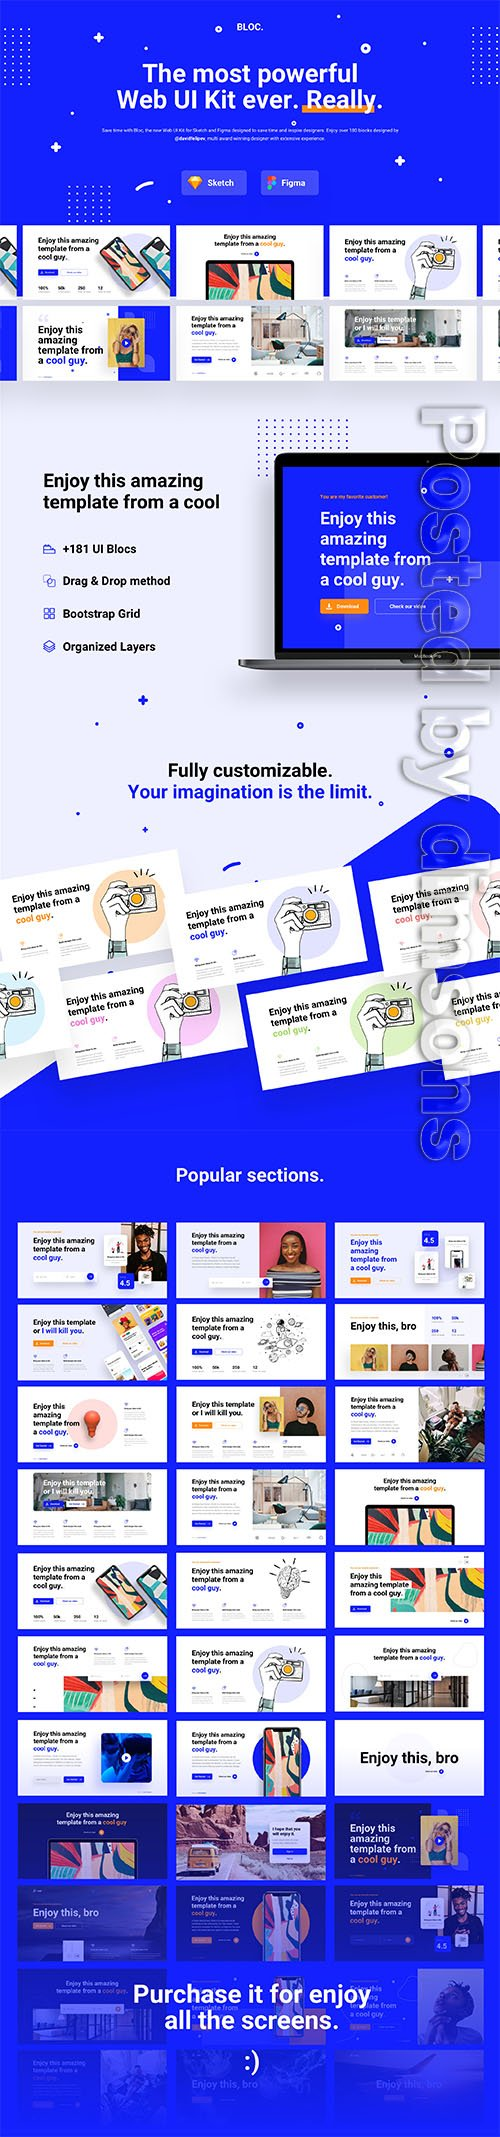 Bloc Web UI Kit